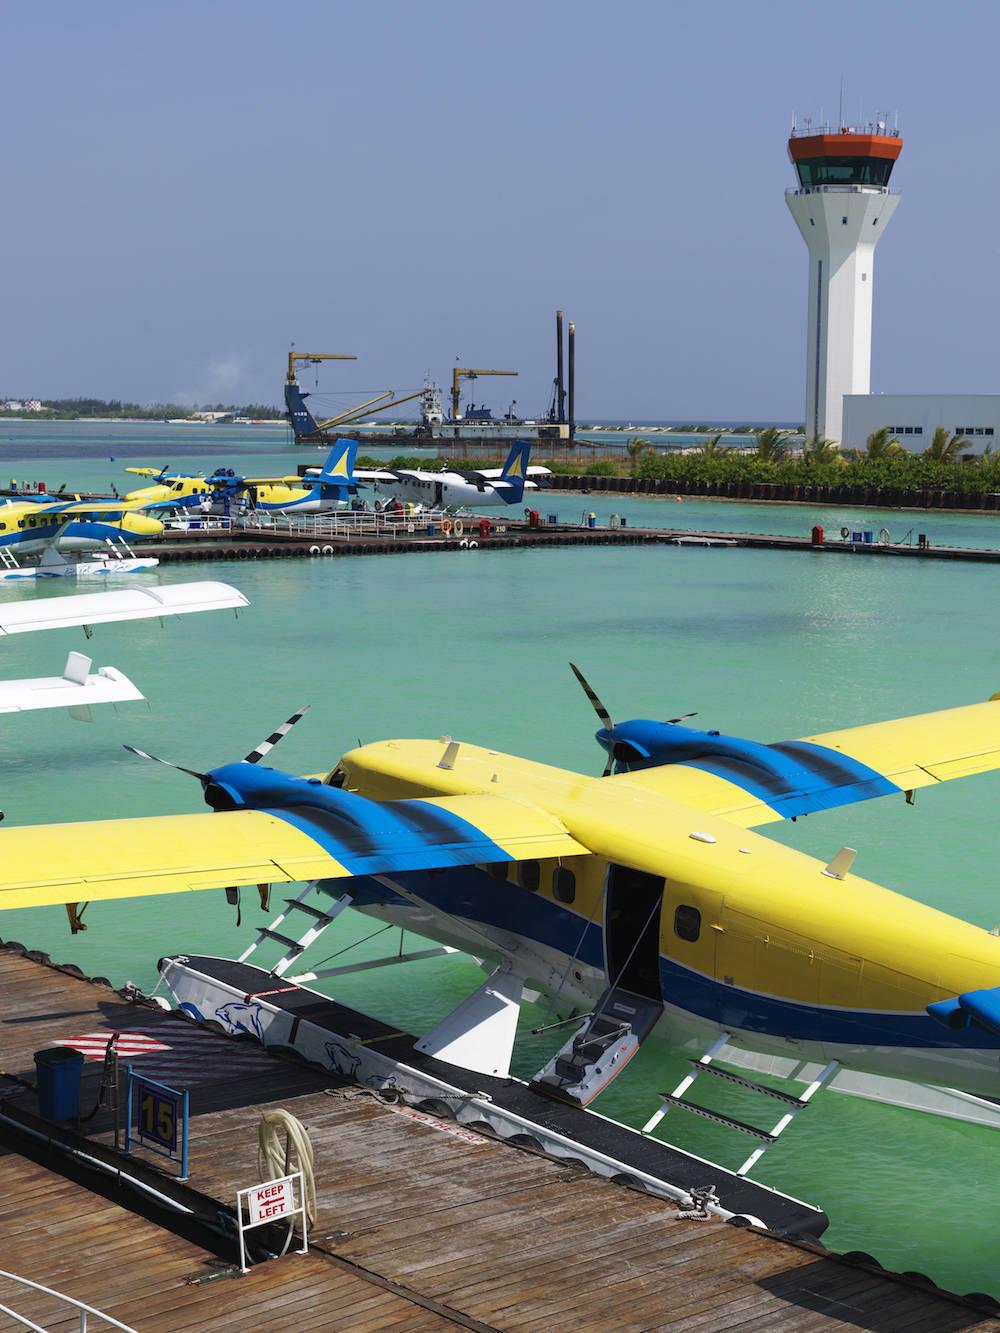 Teuer: die Anreise mit dem Wasserflugzeug